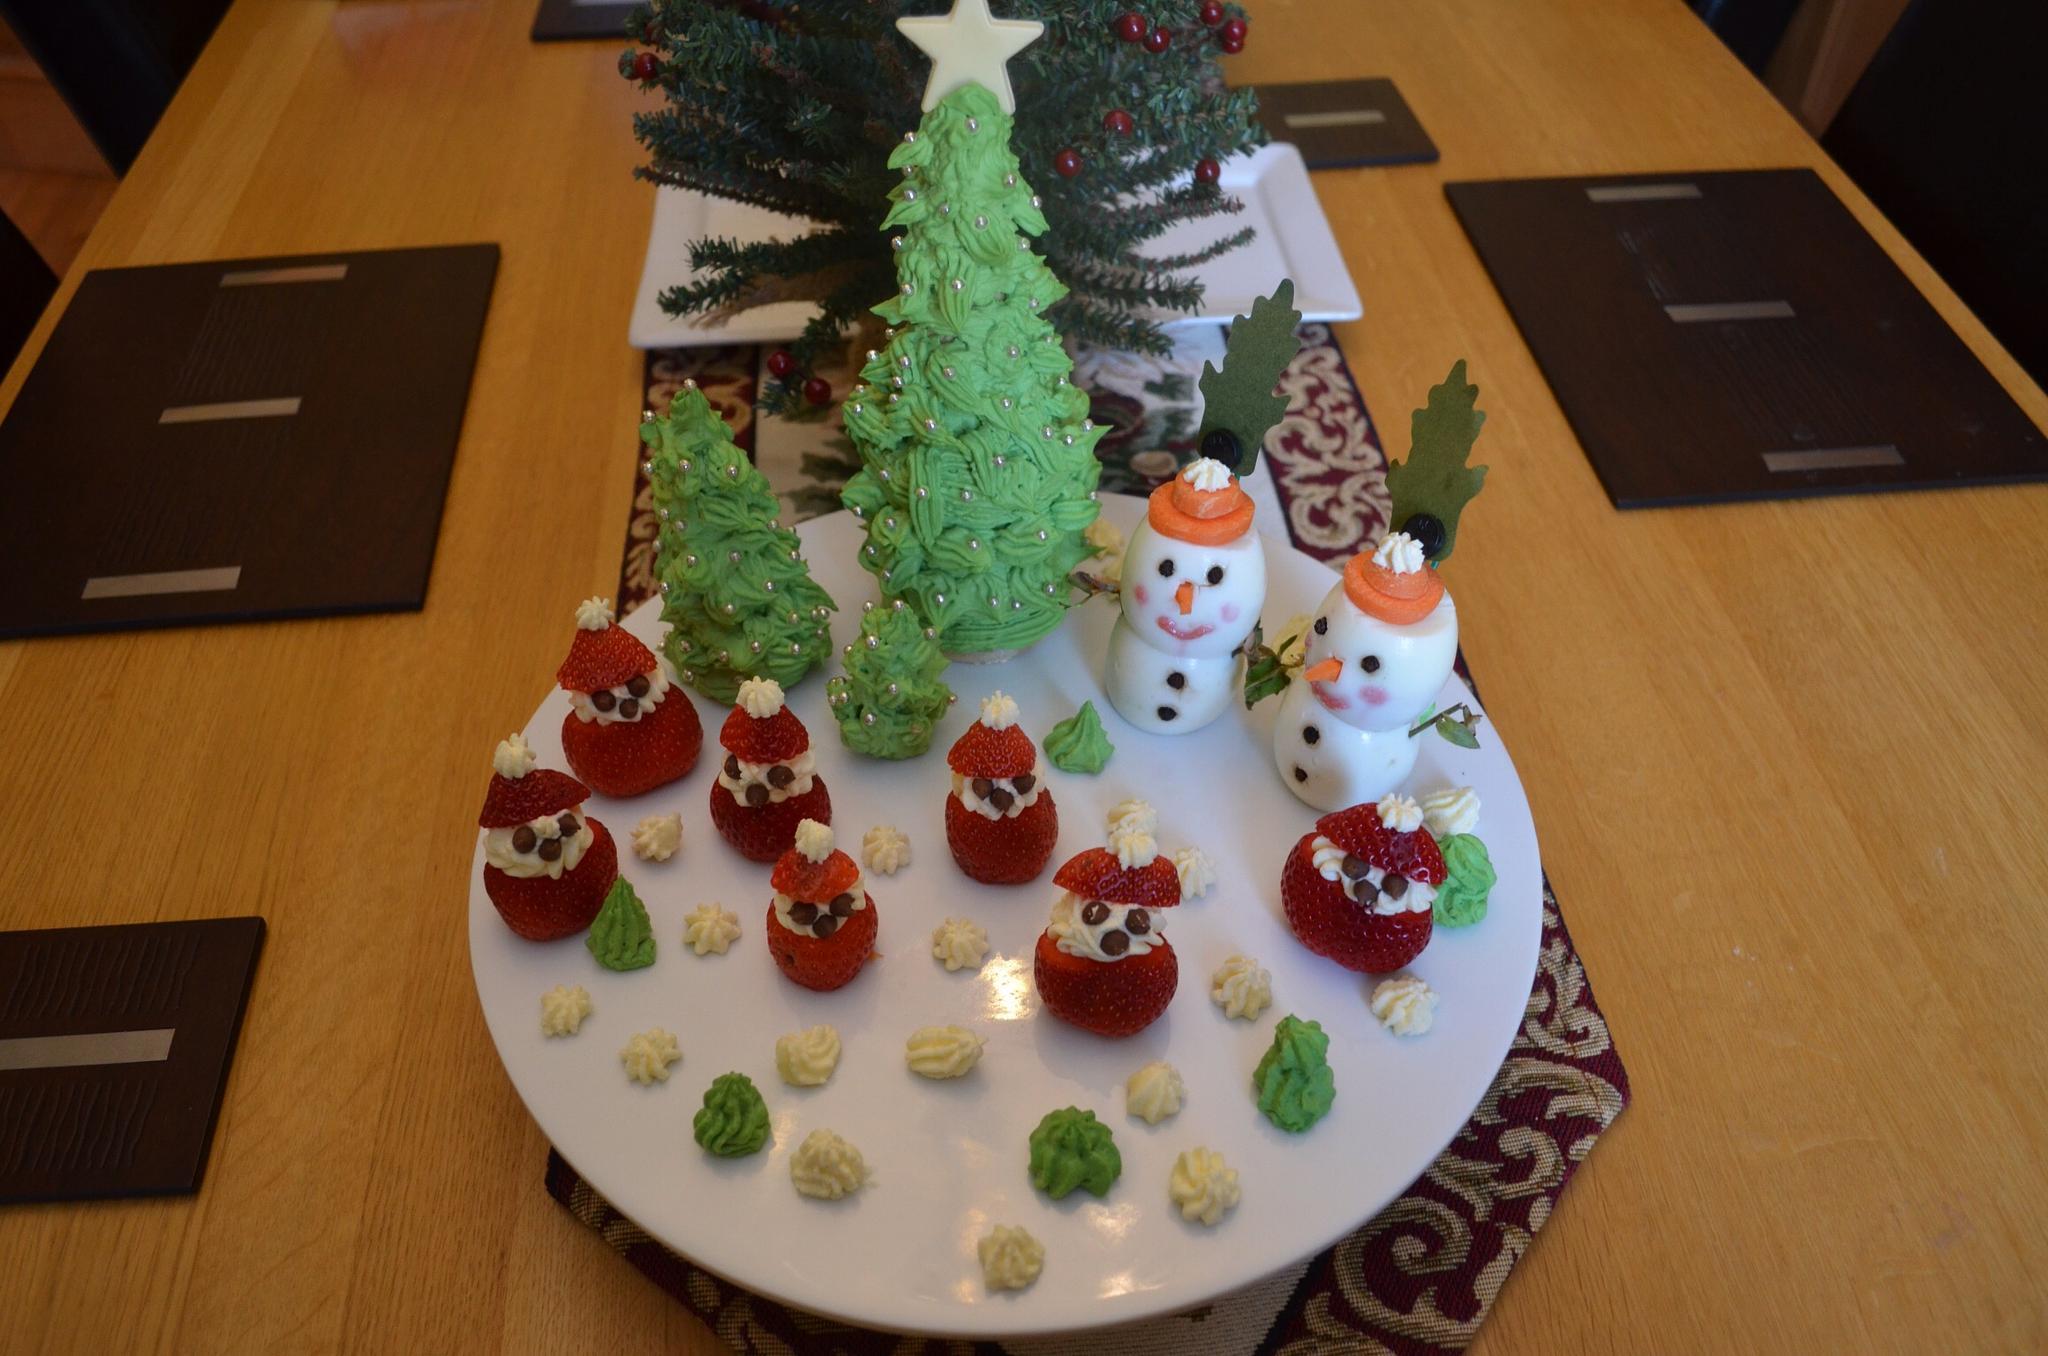 Food art Winter Festivities creation by ksoar1